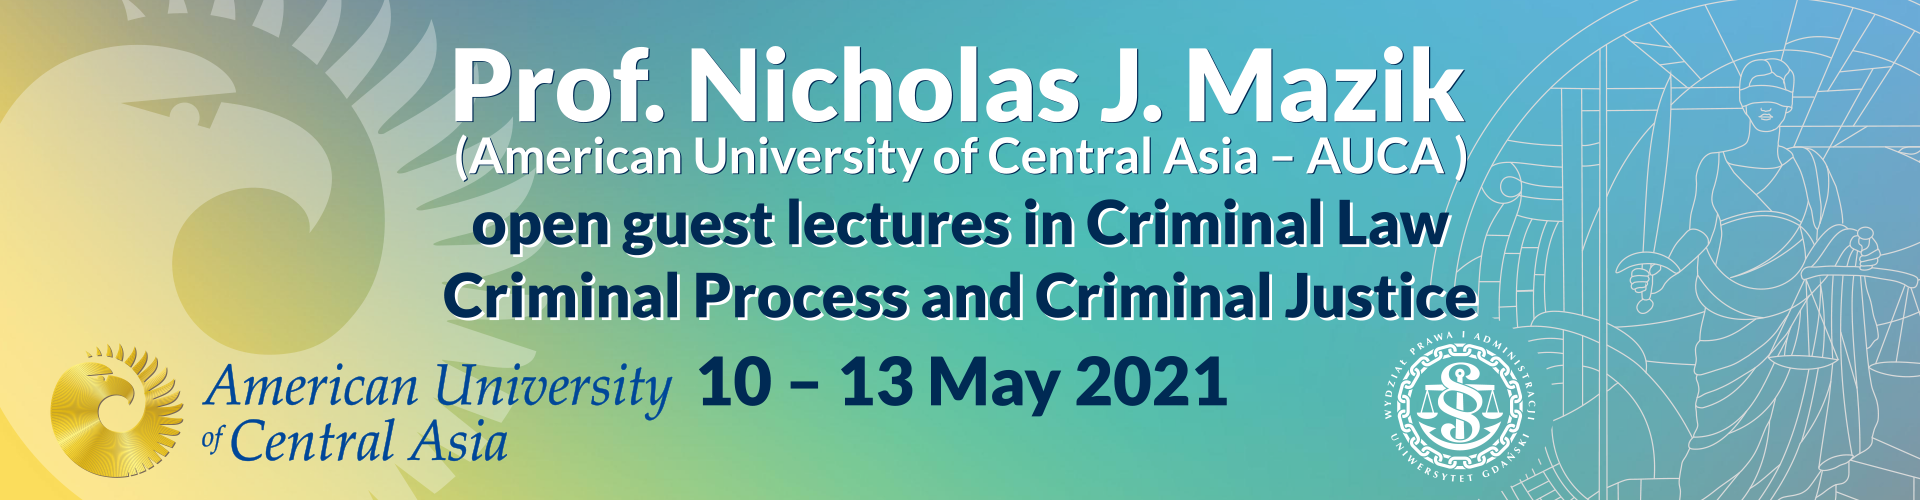 Guest lectures by Professor Nicholas J. Mazik